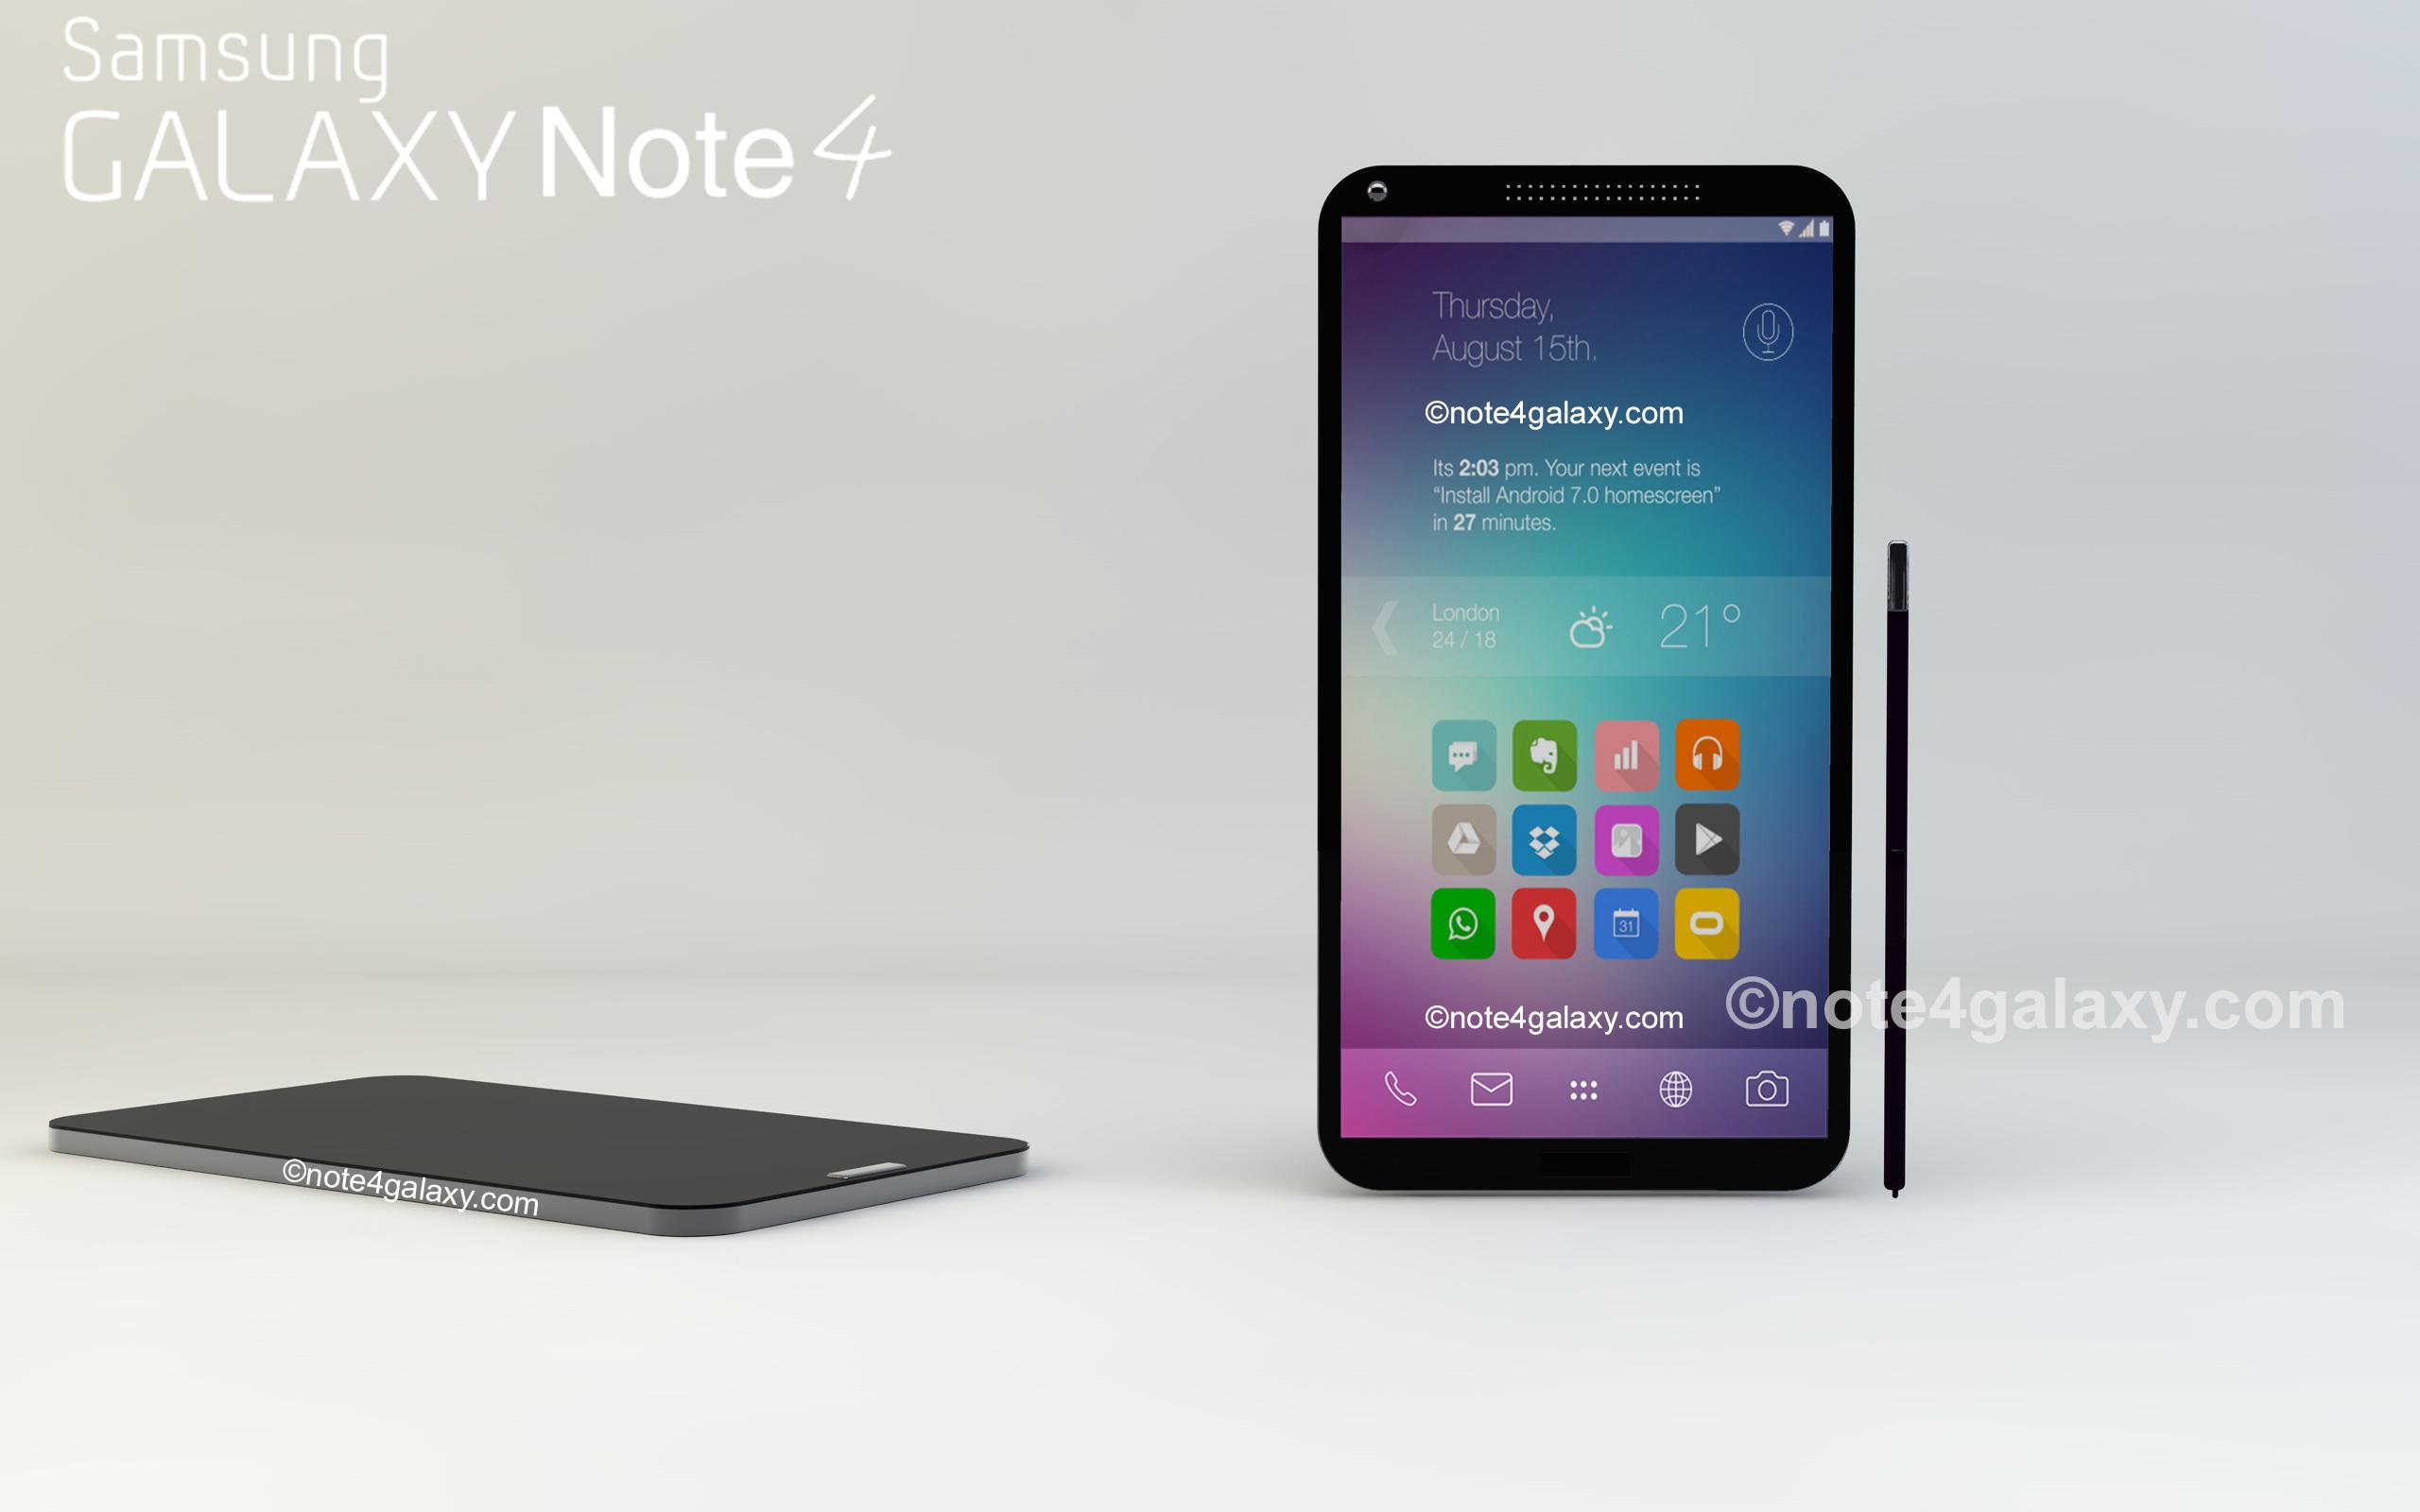 หลุดสเปค Samsung Galaxy Note 4 มี 2 เวอร์ชั่นเหมือนเดิม ว่าแต่จะดราม่าเหมือน Note 3 อีกมั้ย?